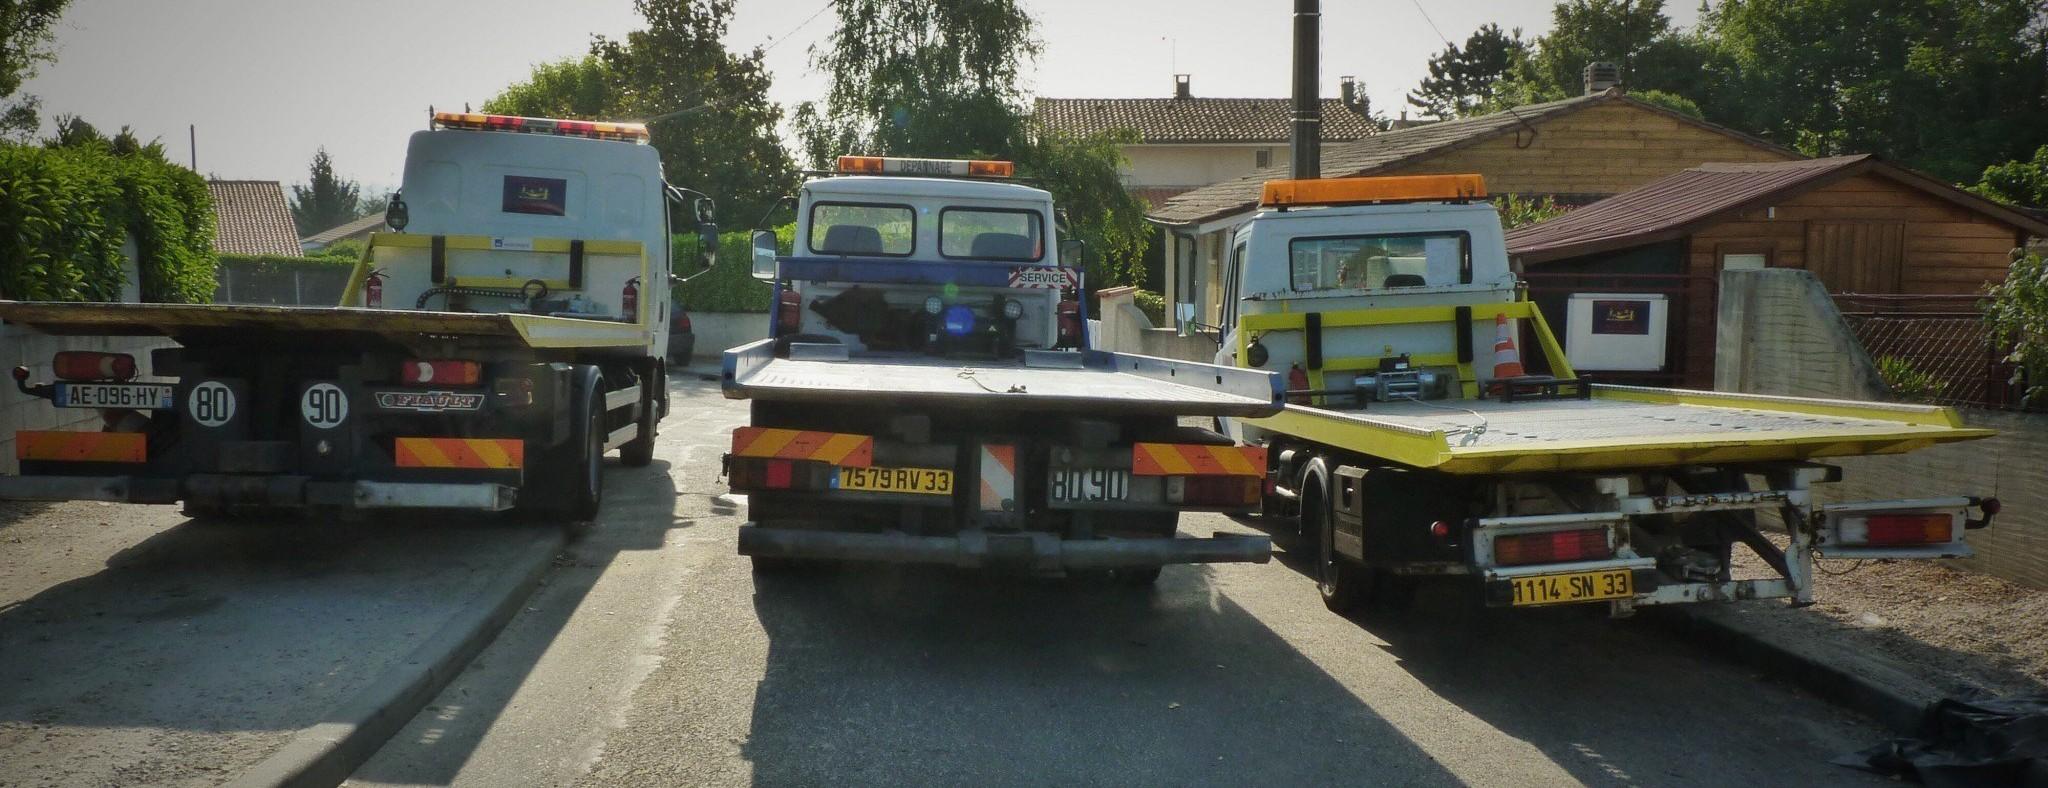 Ambulance Auto - Photo véhicules arrière